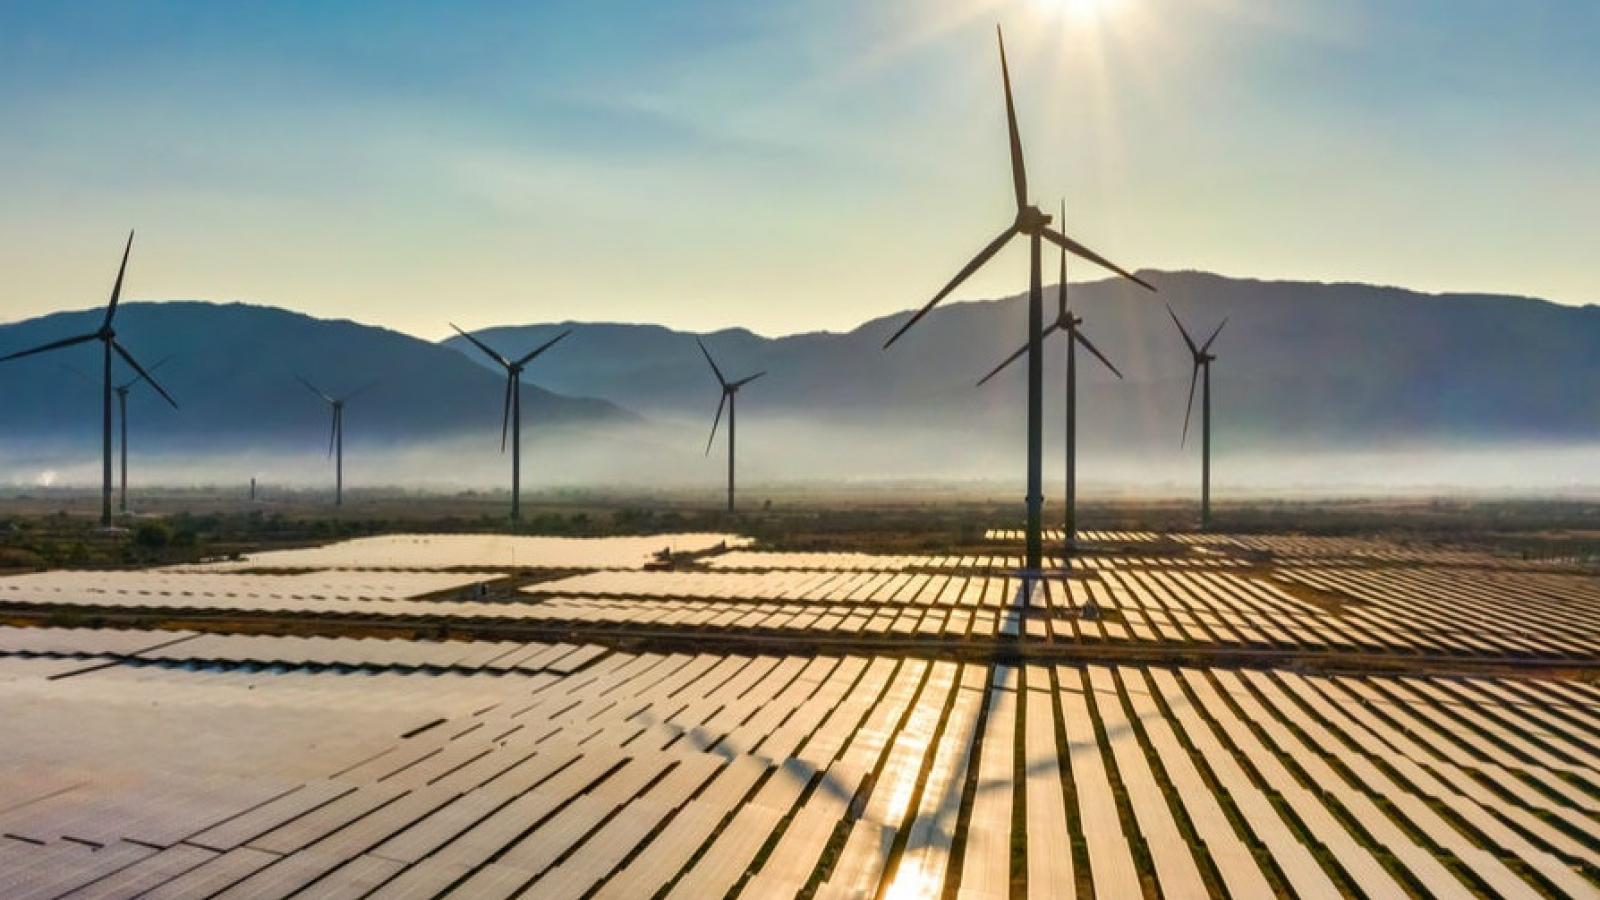 Covid-19 có thể khiến các nước ASEAN thay đổi chính sách phát triển năng lượng tái tạo